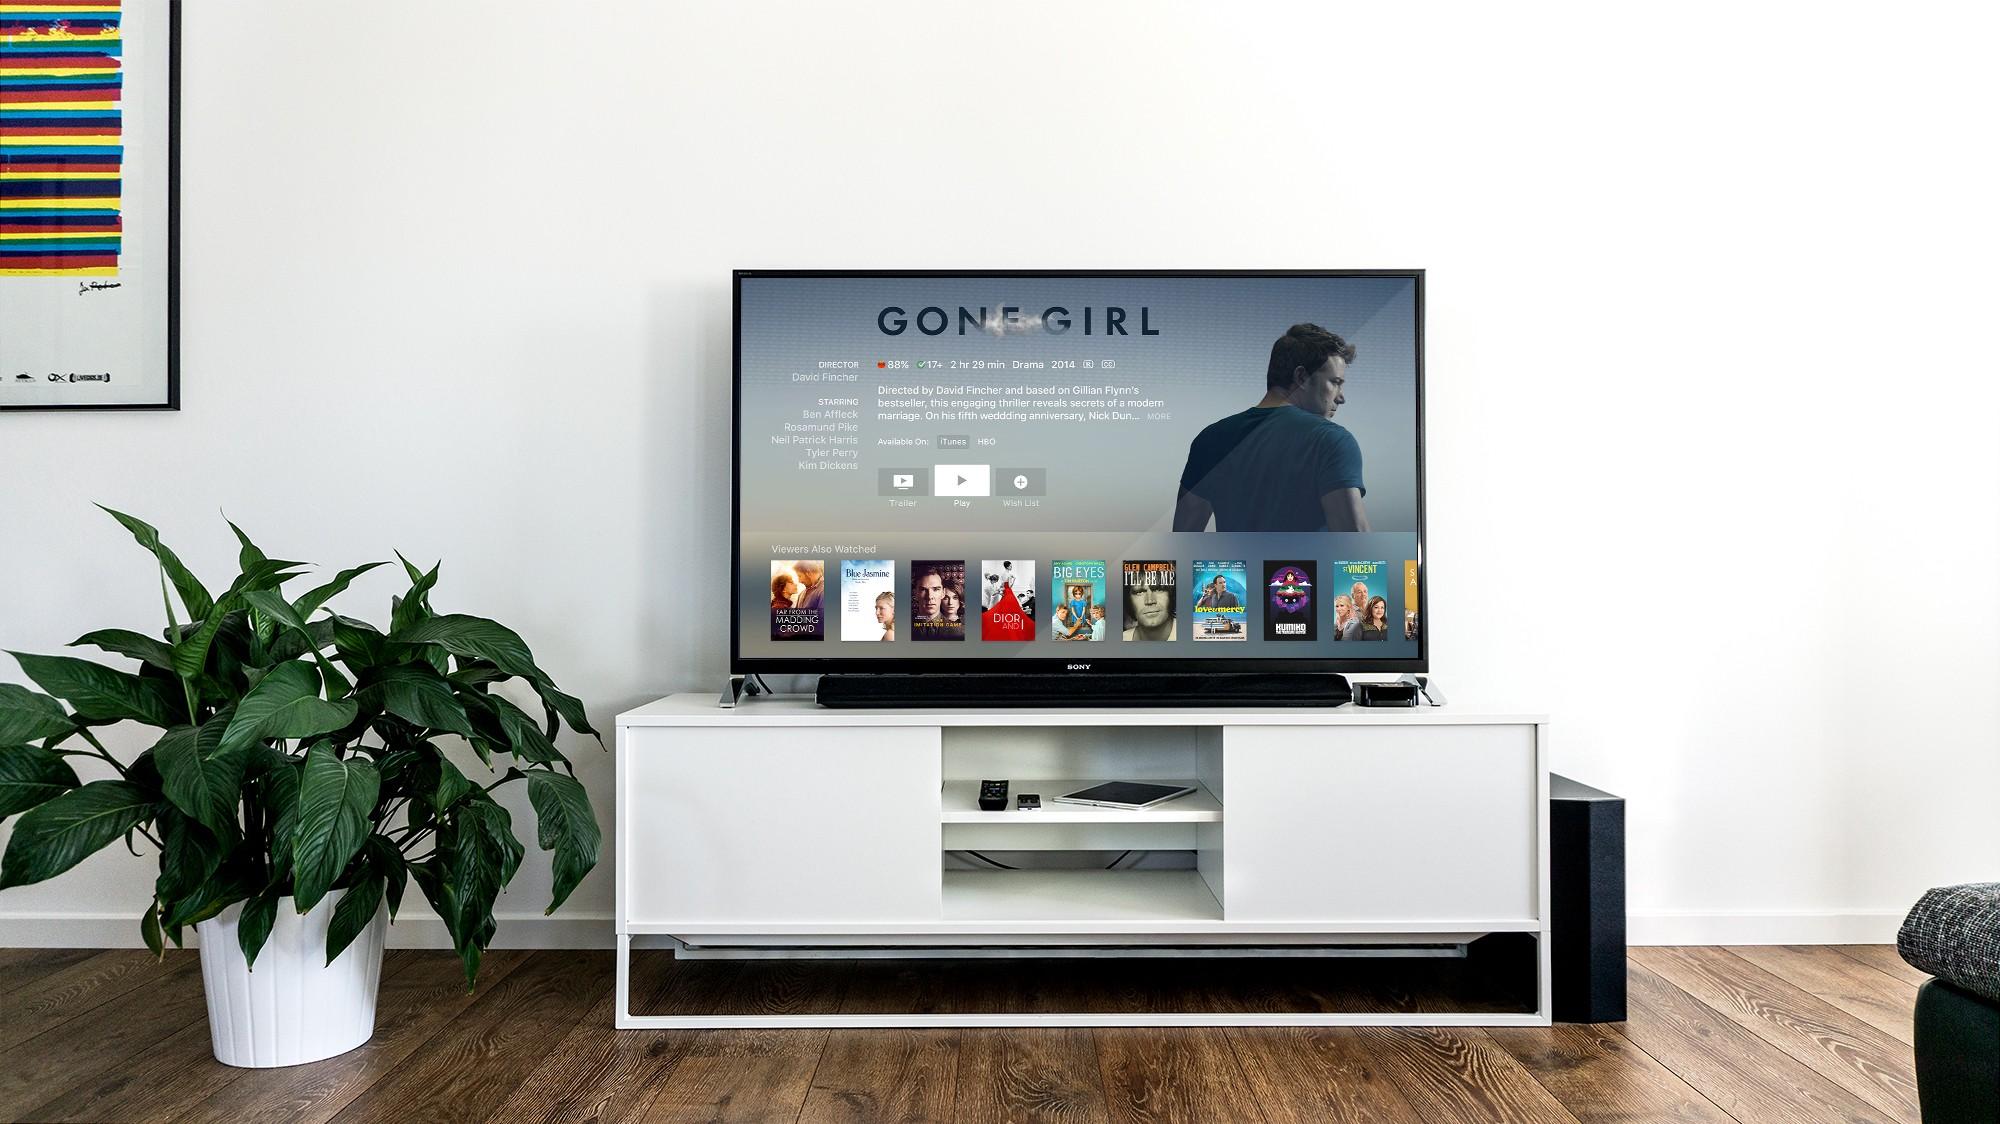 Lí do vì sao quảng cáo trên Tivi không còn thế mạnh độc tôn?